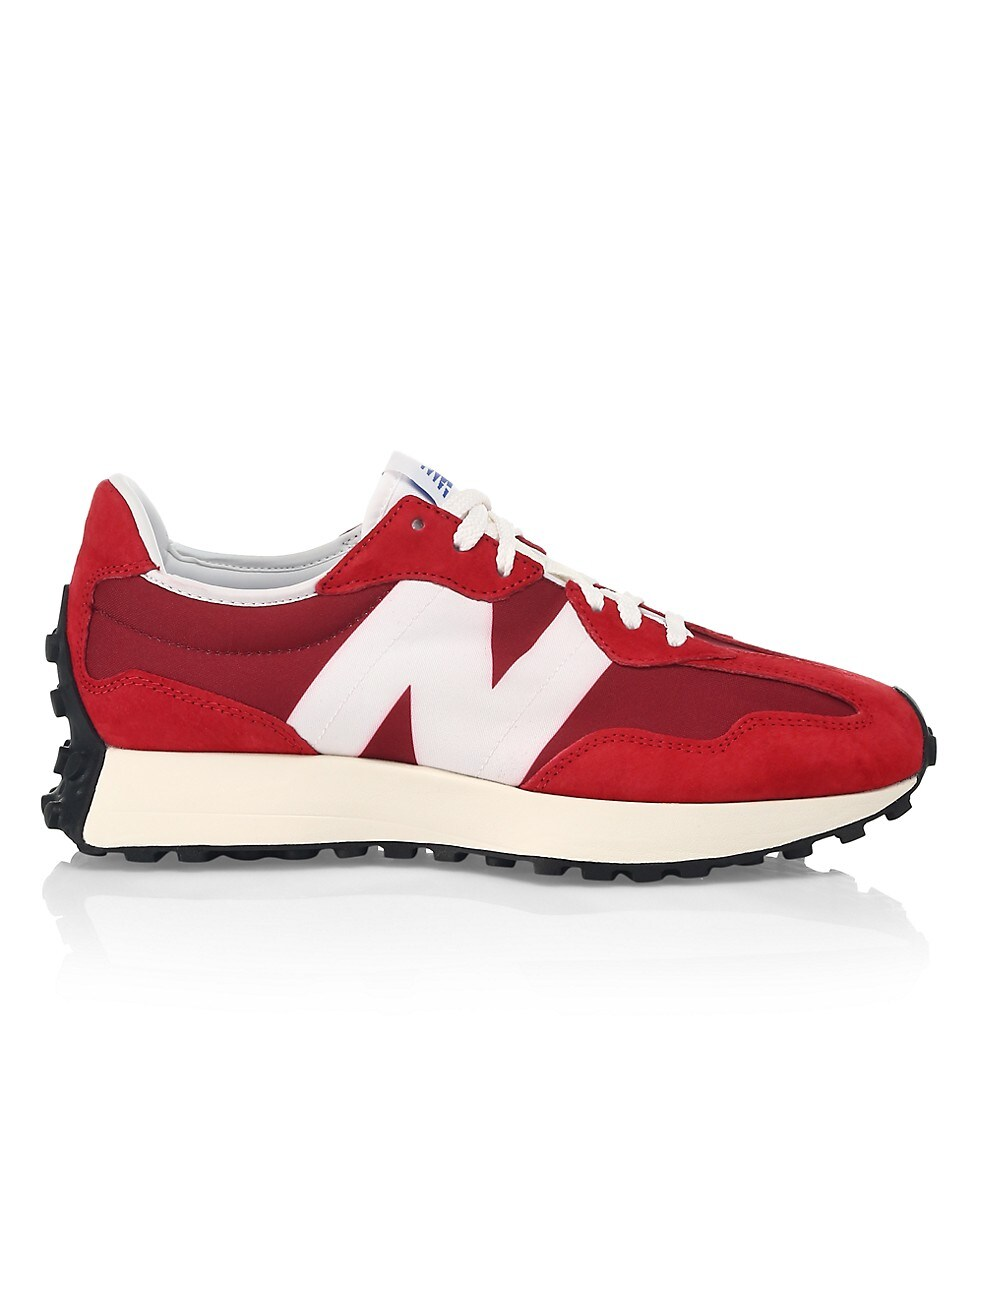 뉴발란스 327 남성용 스니커즈, SCARLET New Balance Mens 327 Mixed Media Sneakers,SCARLET